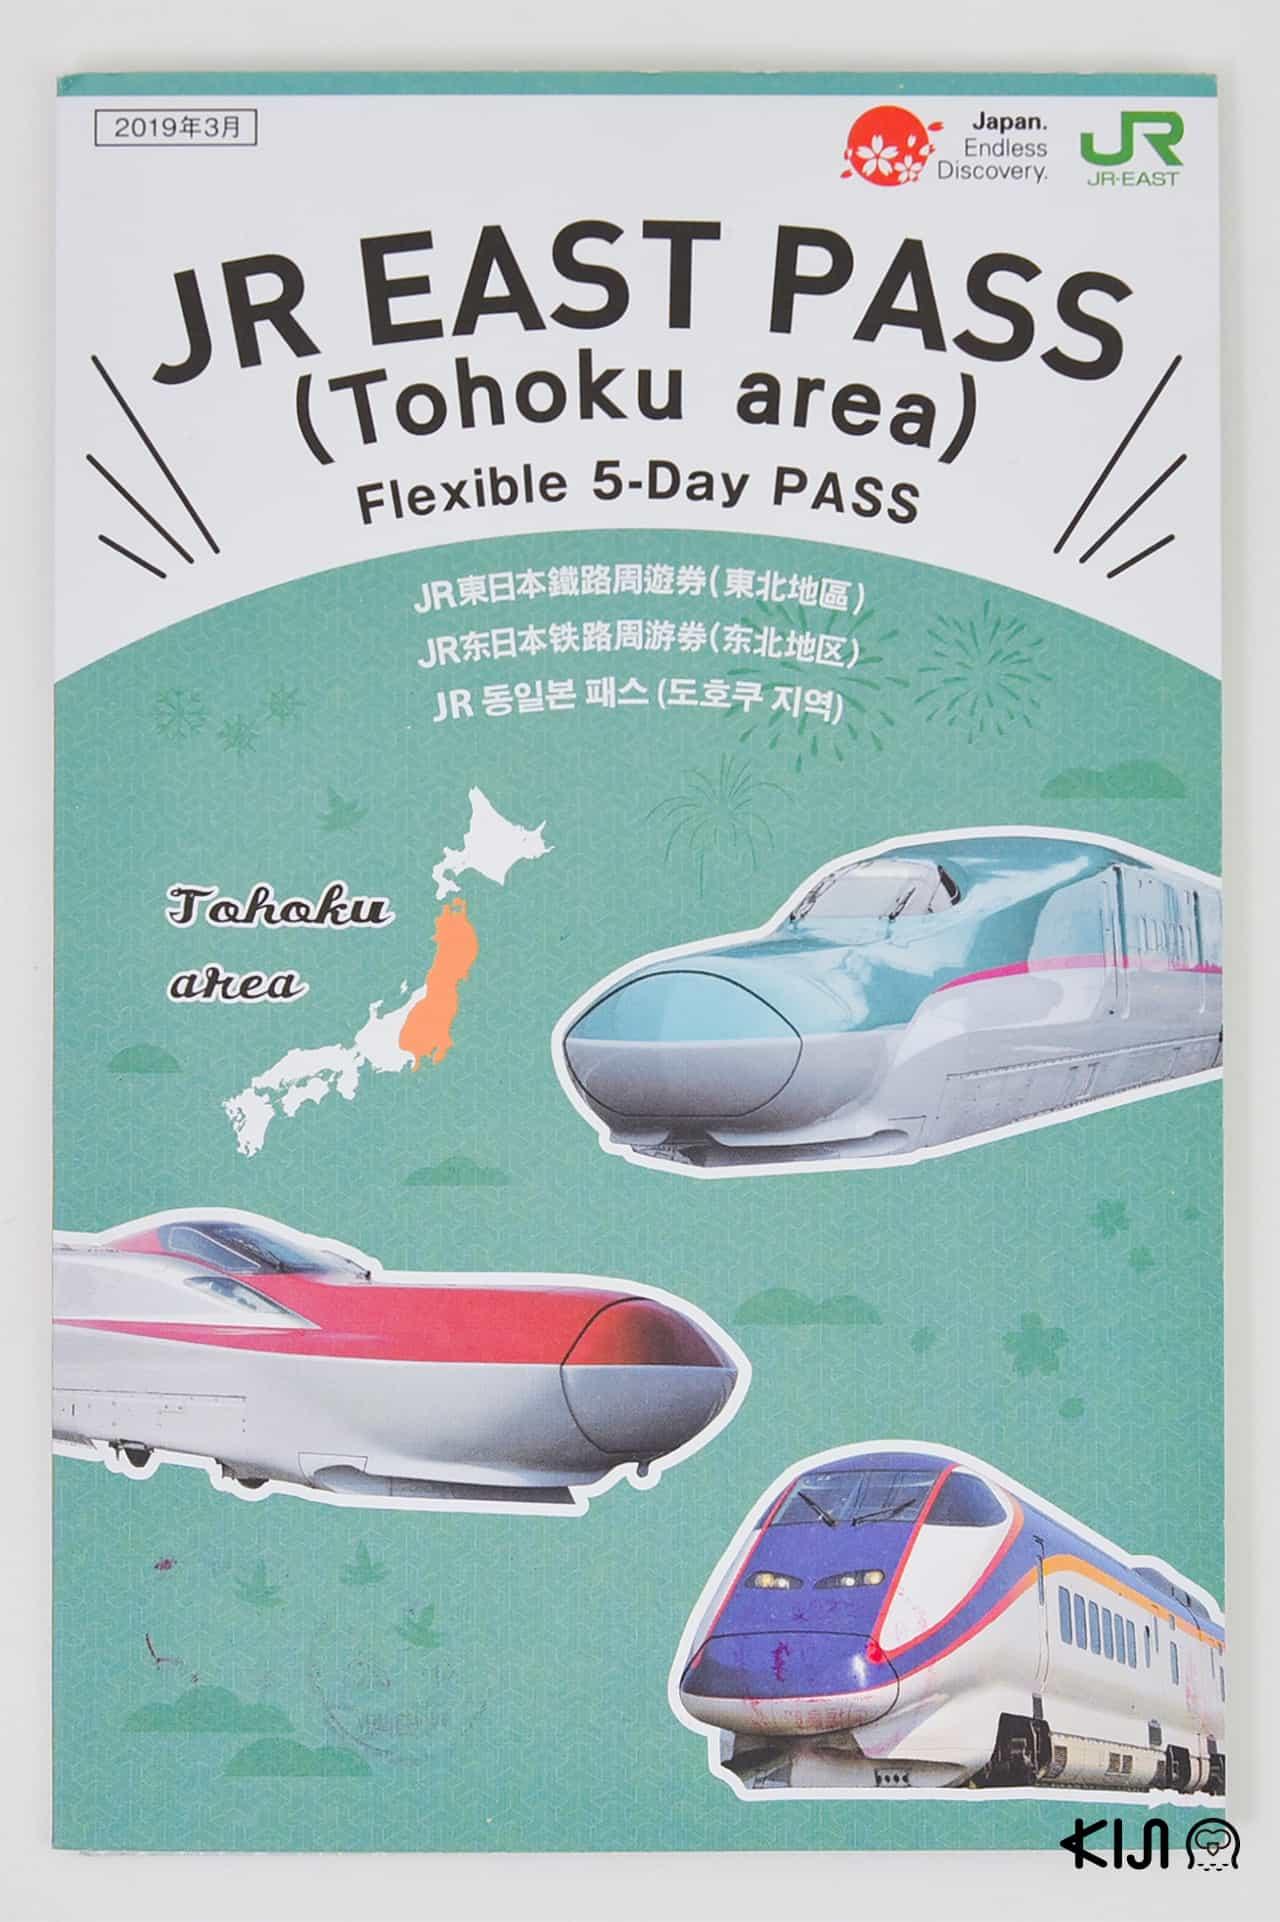 เที่ยว โทโฮค ใน ฤดูใบไม้ผลิ ซากุระ ด้วย JR East Pass Tohoku Area